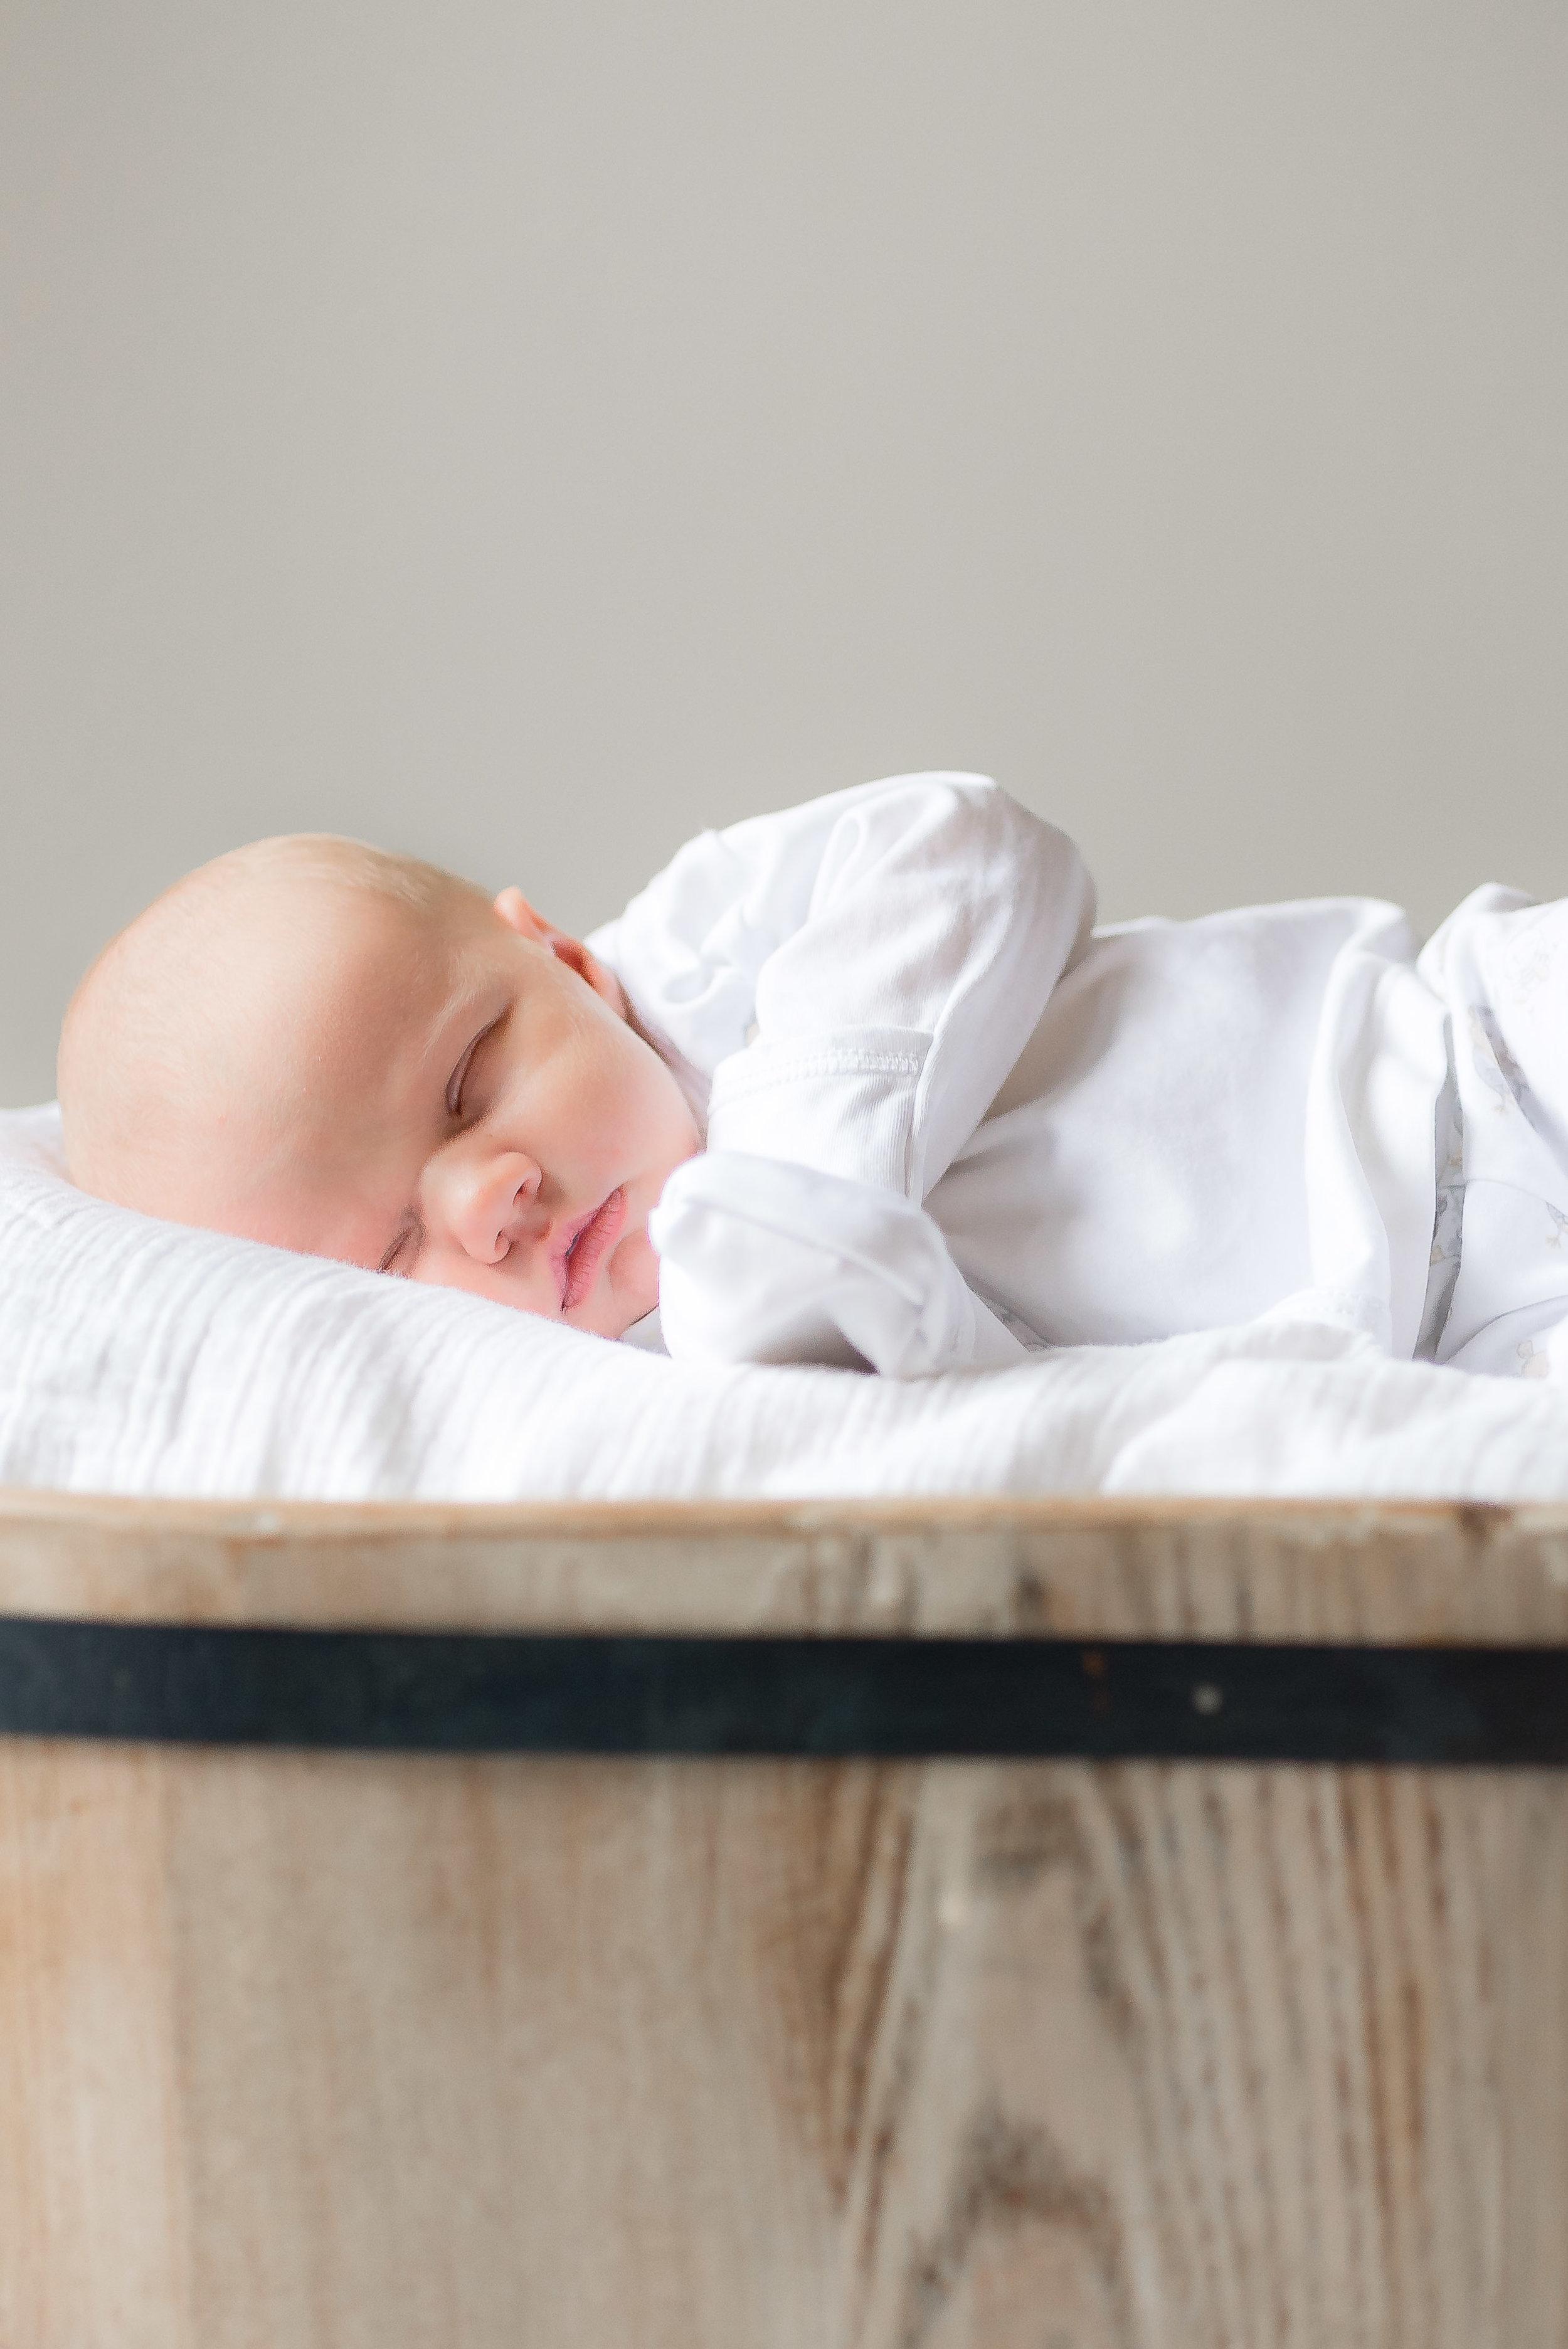 Erin-Fabio-Photography-Everett-Carr-Newborns-Sept-2018-17.jpg